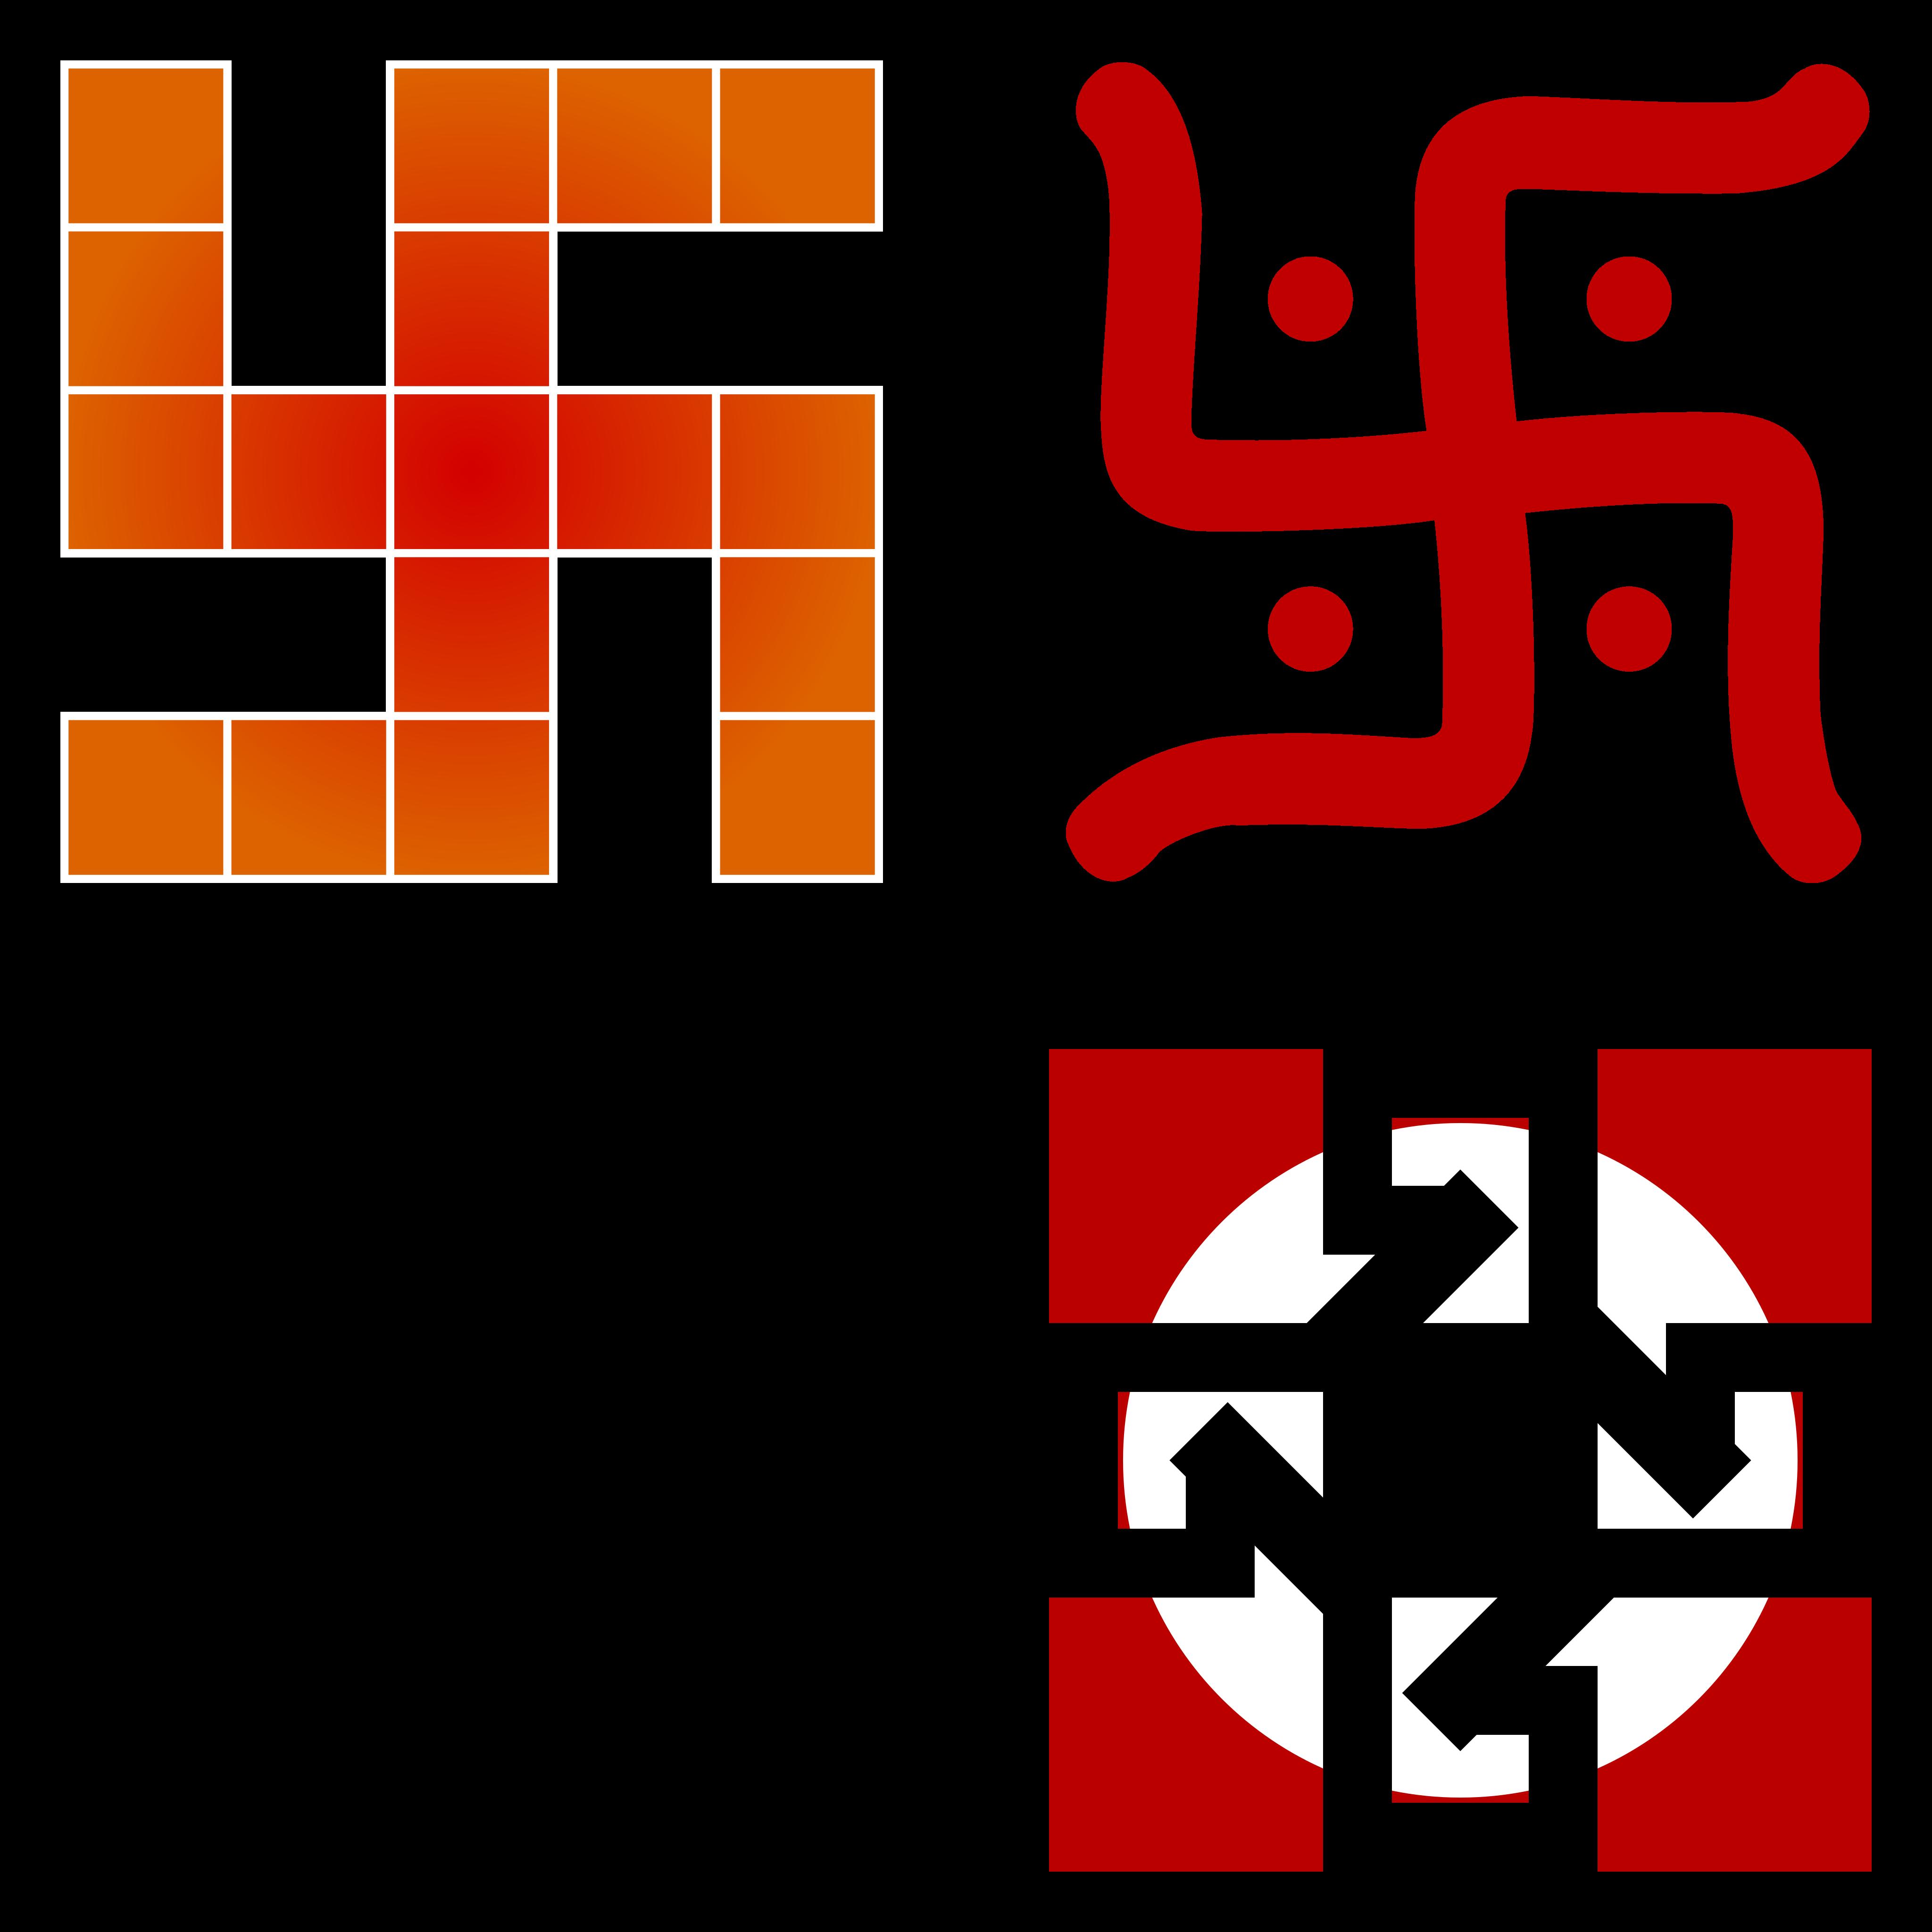 немецкая символика